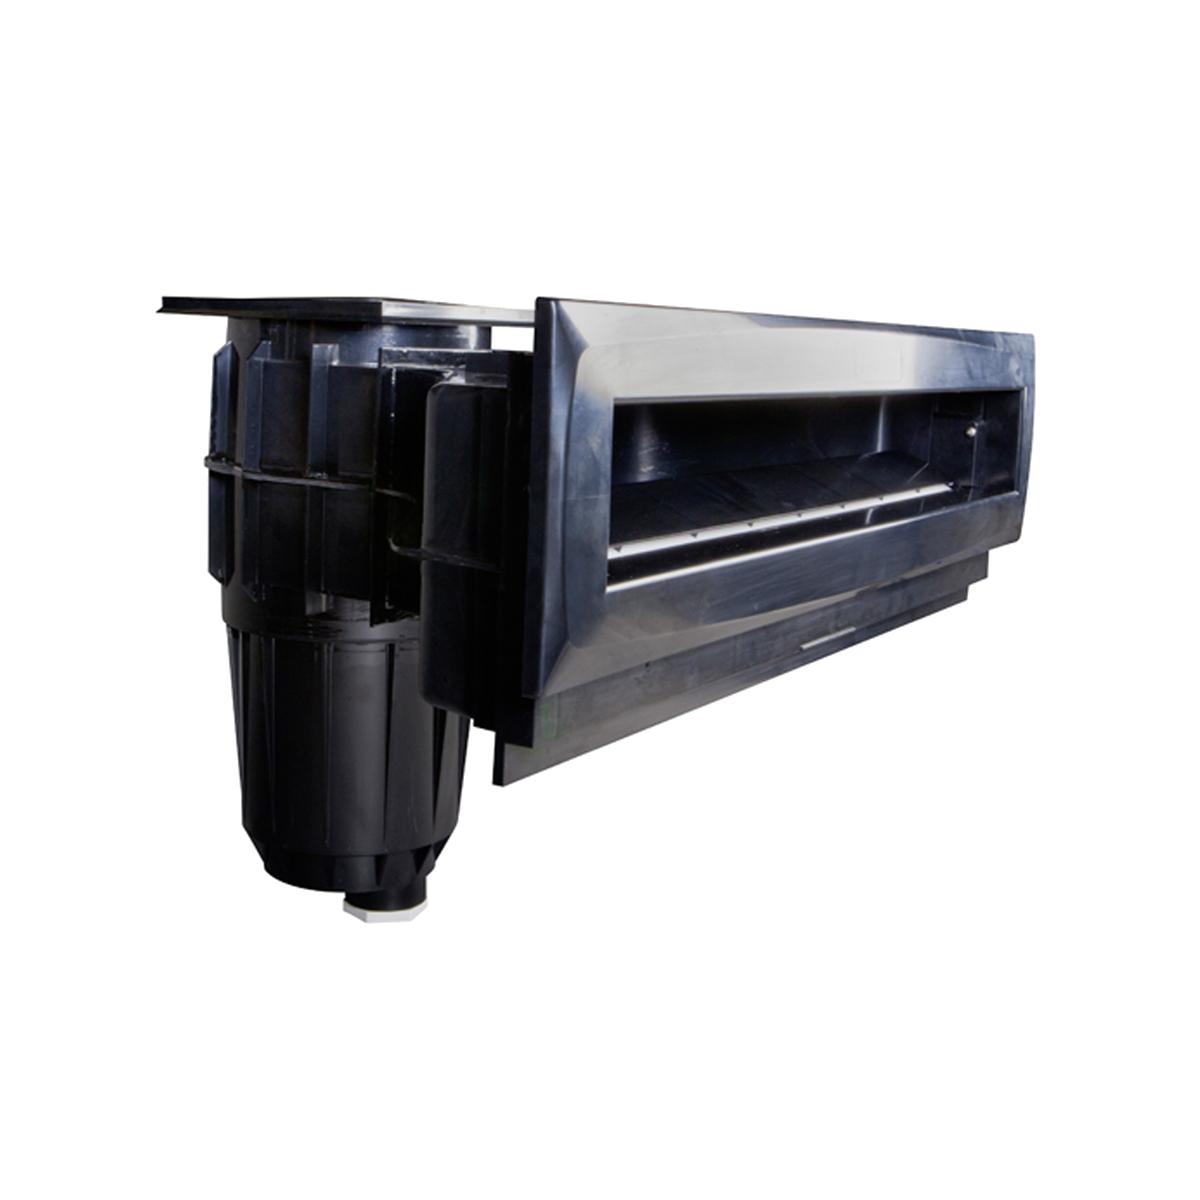 Hochwasserstandskimmer High75 schwarz  ABS mit Messingbuchsen Hochwasserstandskimmer High75 schwarz  ABS mit Messingbuchsen